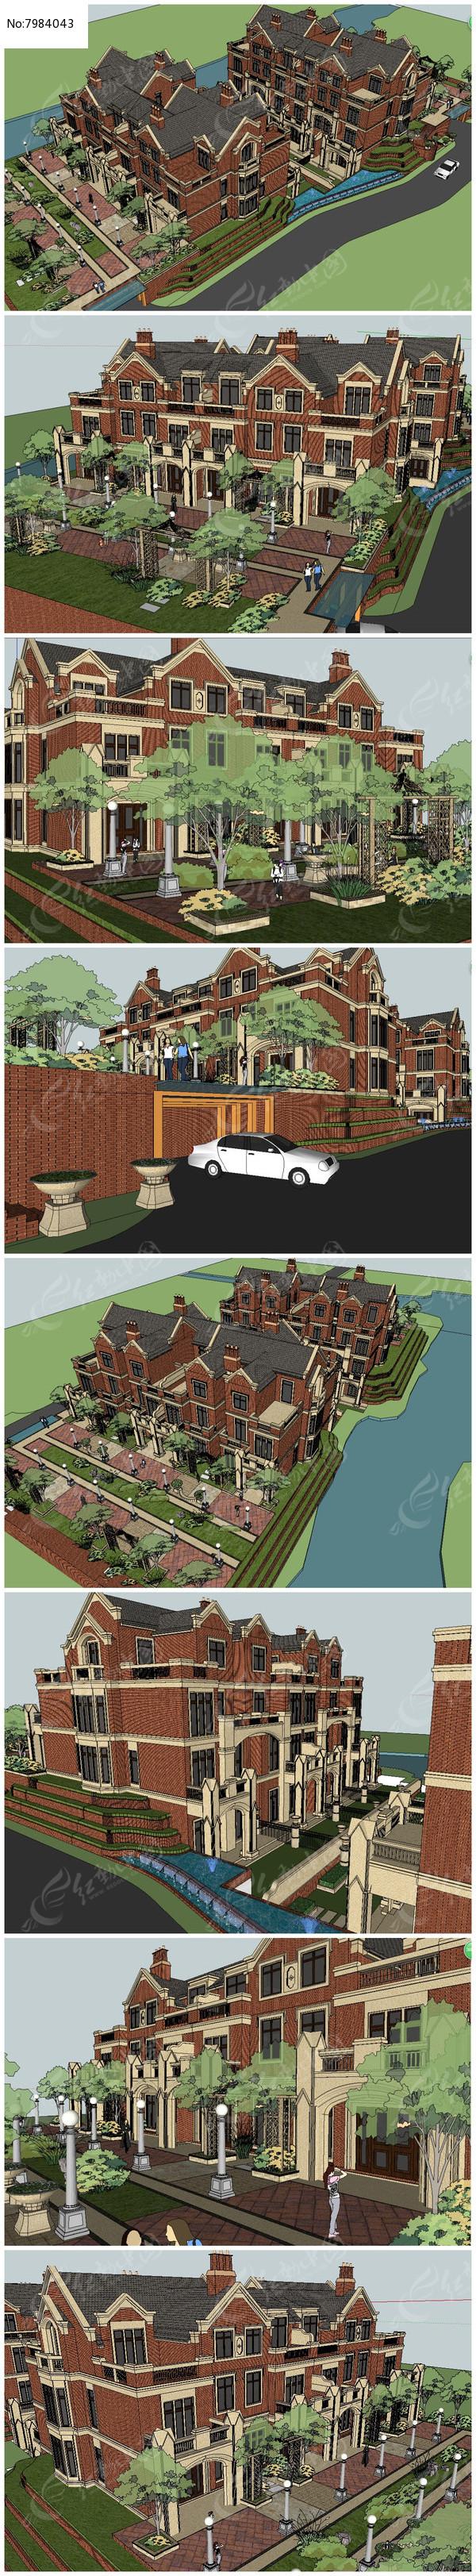 英式别墅小区的两个典型户型SU模型图片